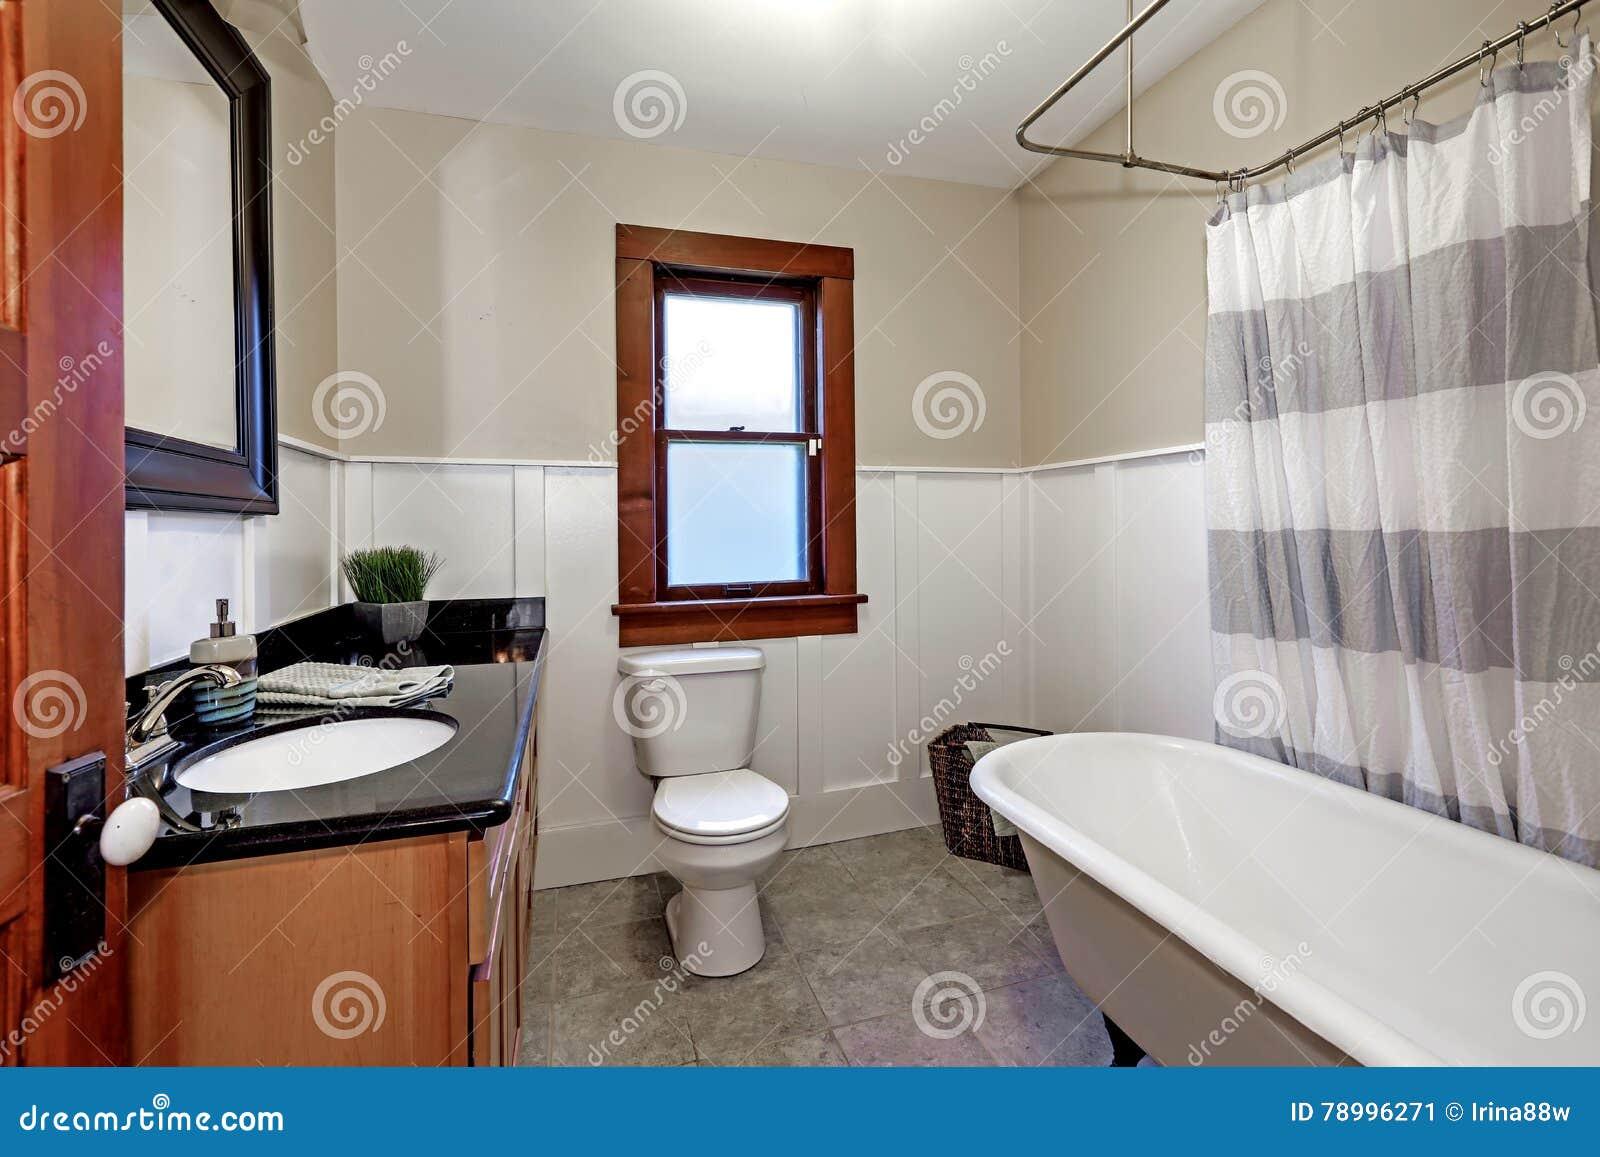 Lo stile semplice ha rinnovato l 39 interno del bagno in for American bathroom designs